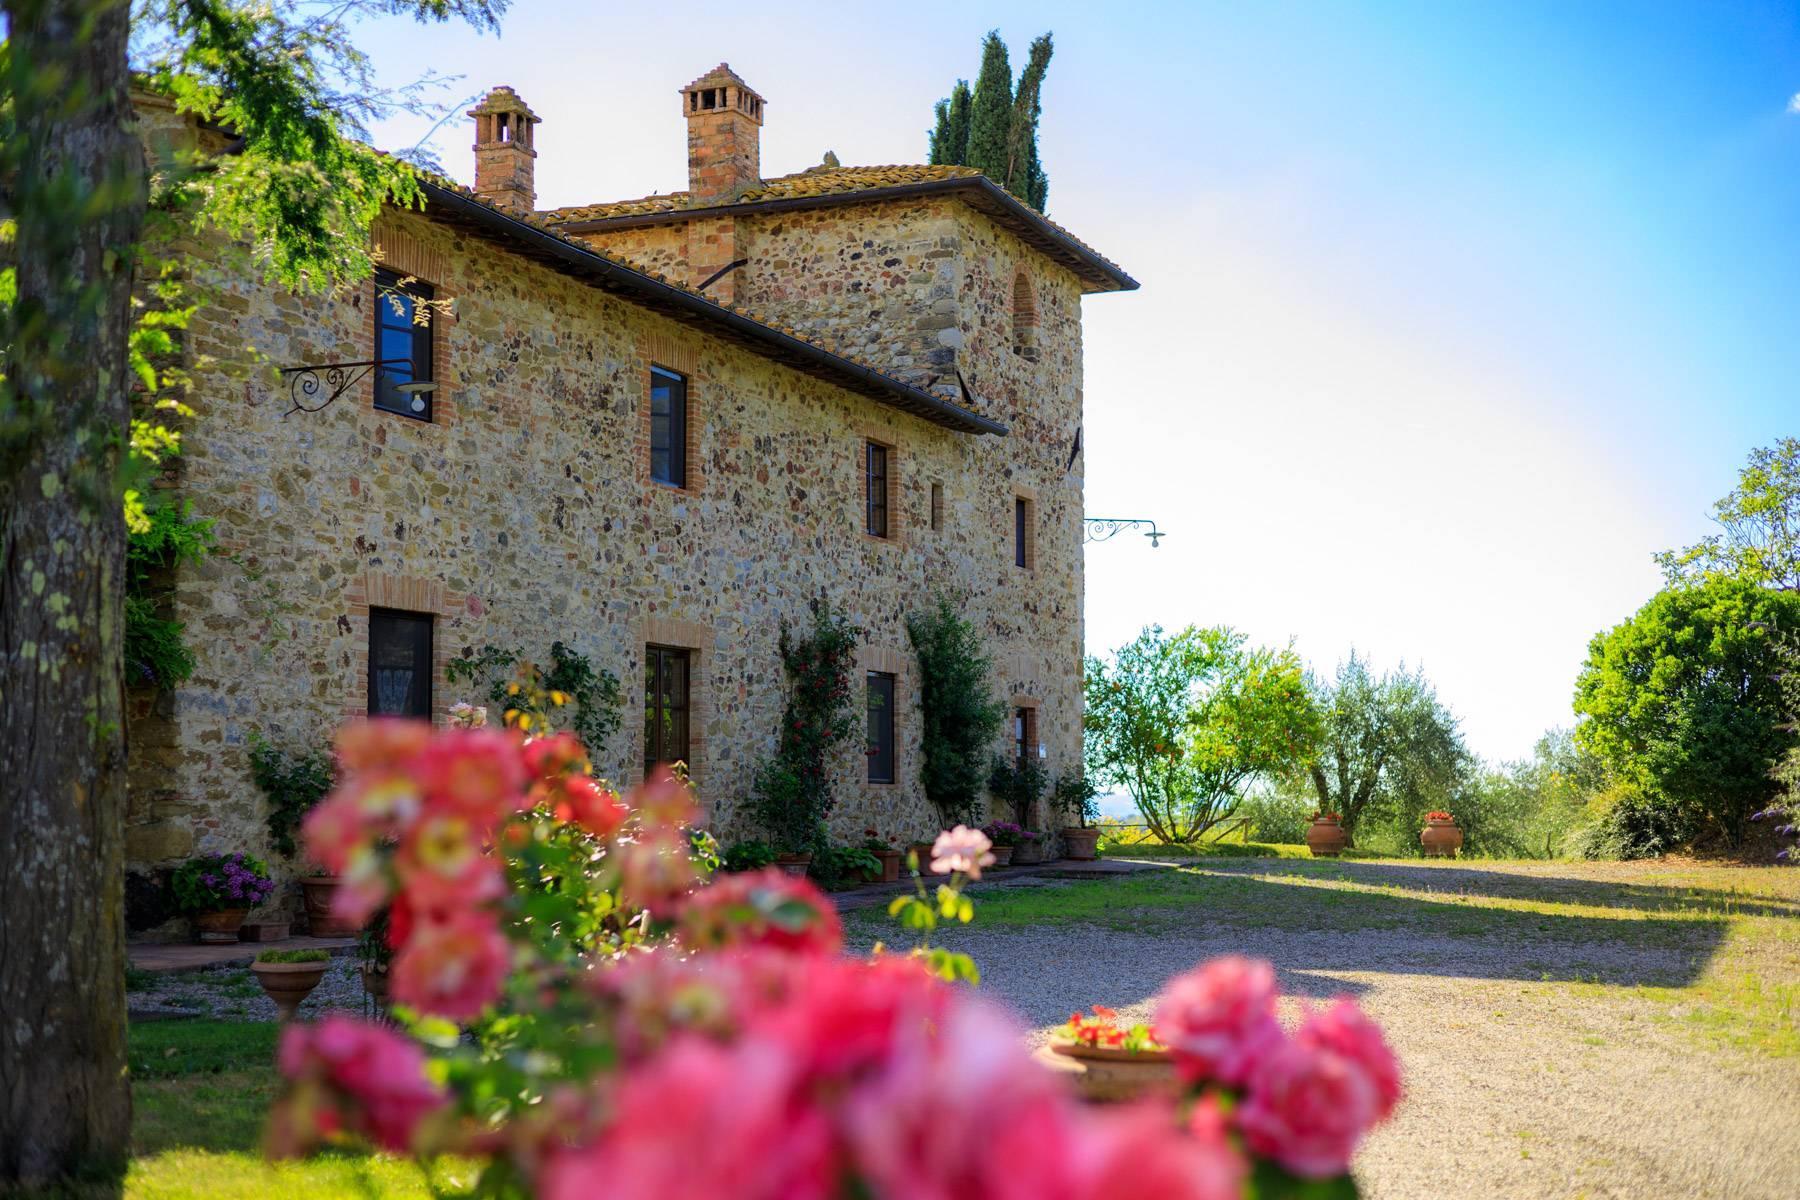 Storica fattoria nel cuore del Chianti Classico - 29